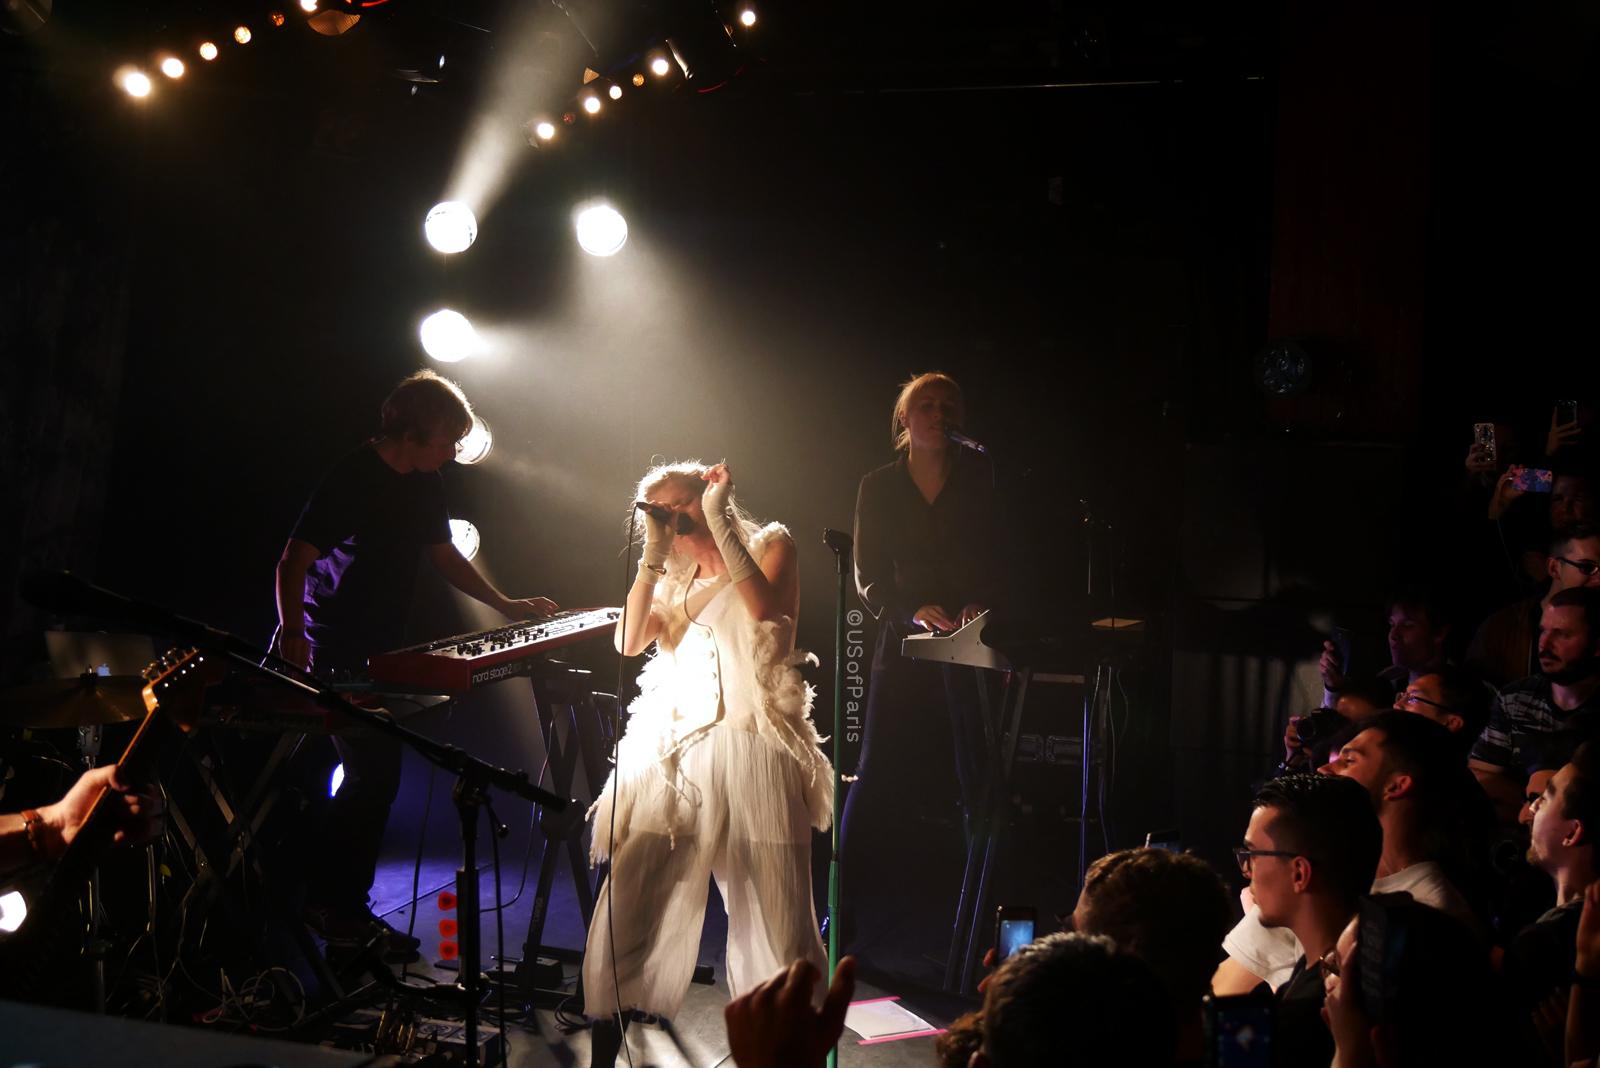 aurora-paris-la-maroquinerie-music-tour-stage-photo-usofparis-blog